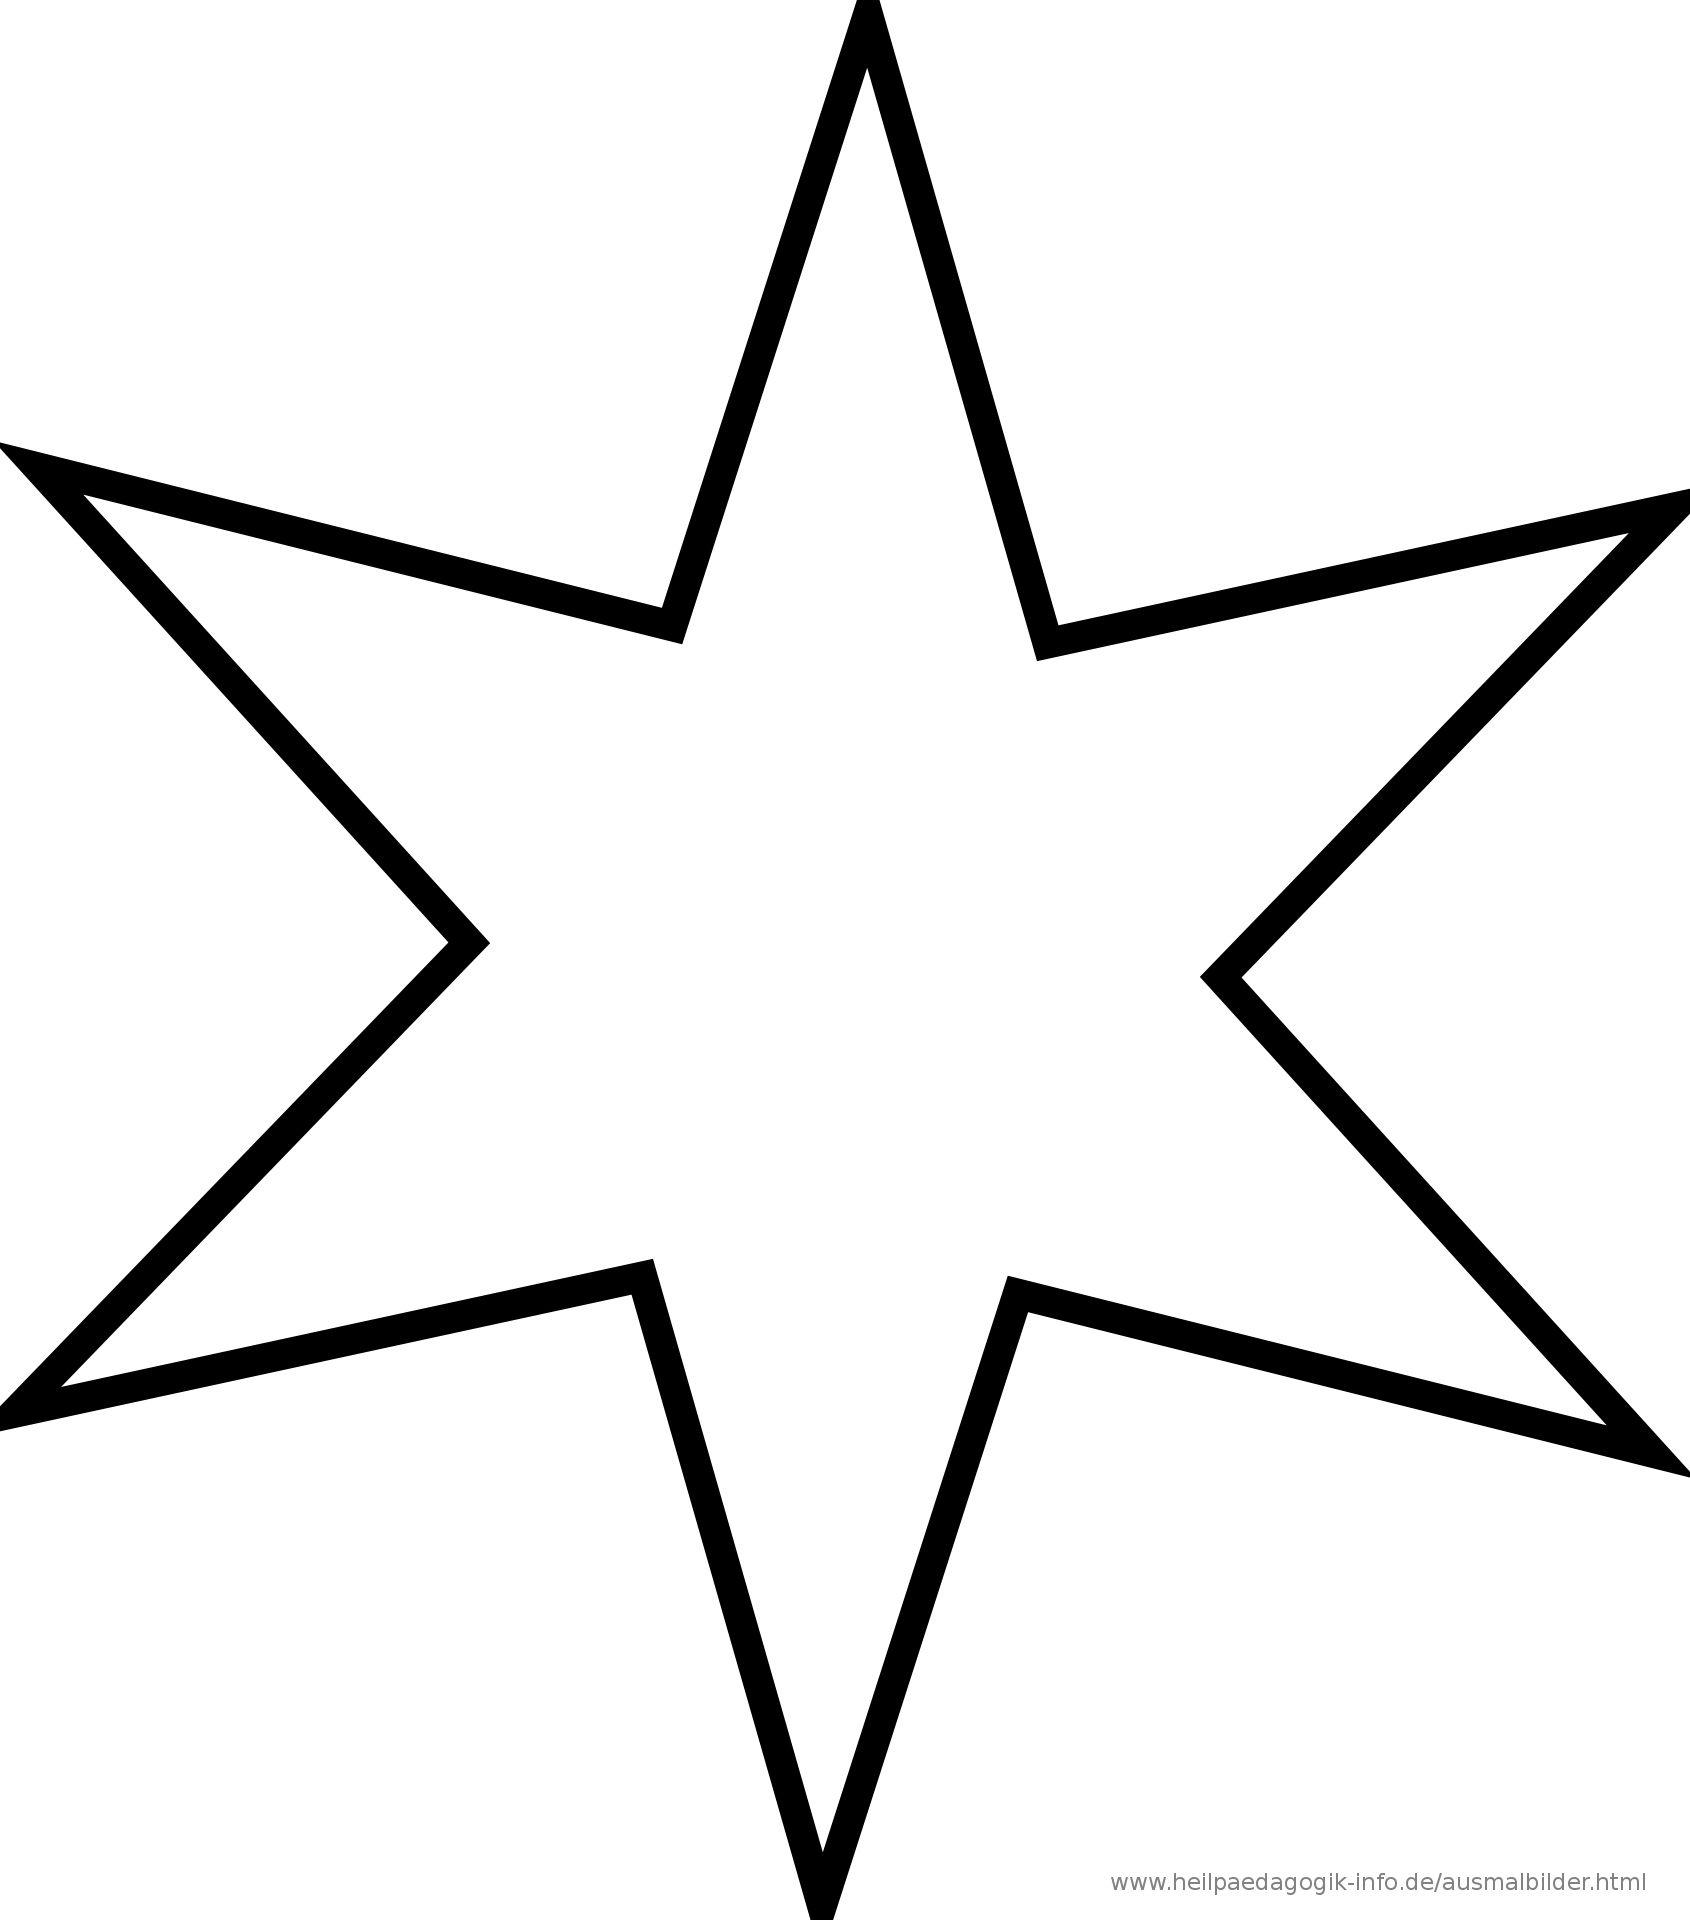 Ausmalbilder Zum Ausdrucken Sterne Modern Stern Vorlage verwandt mit Stern Malvorlage Ausdrucken